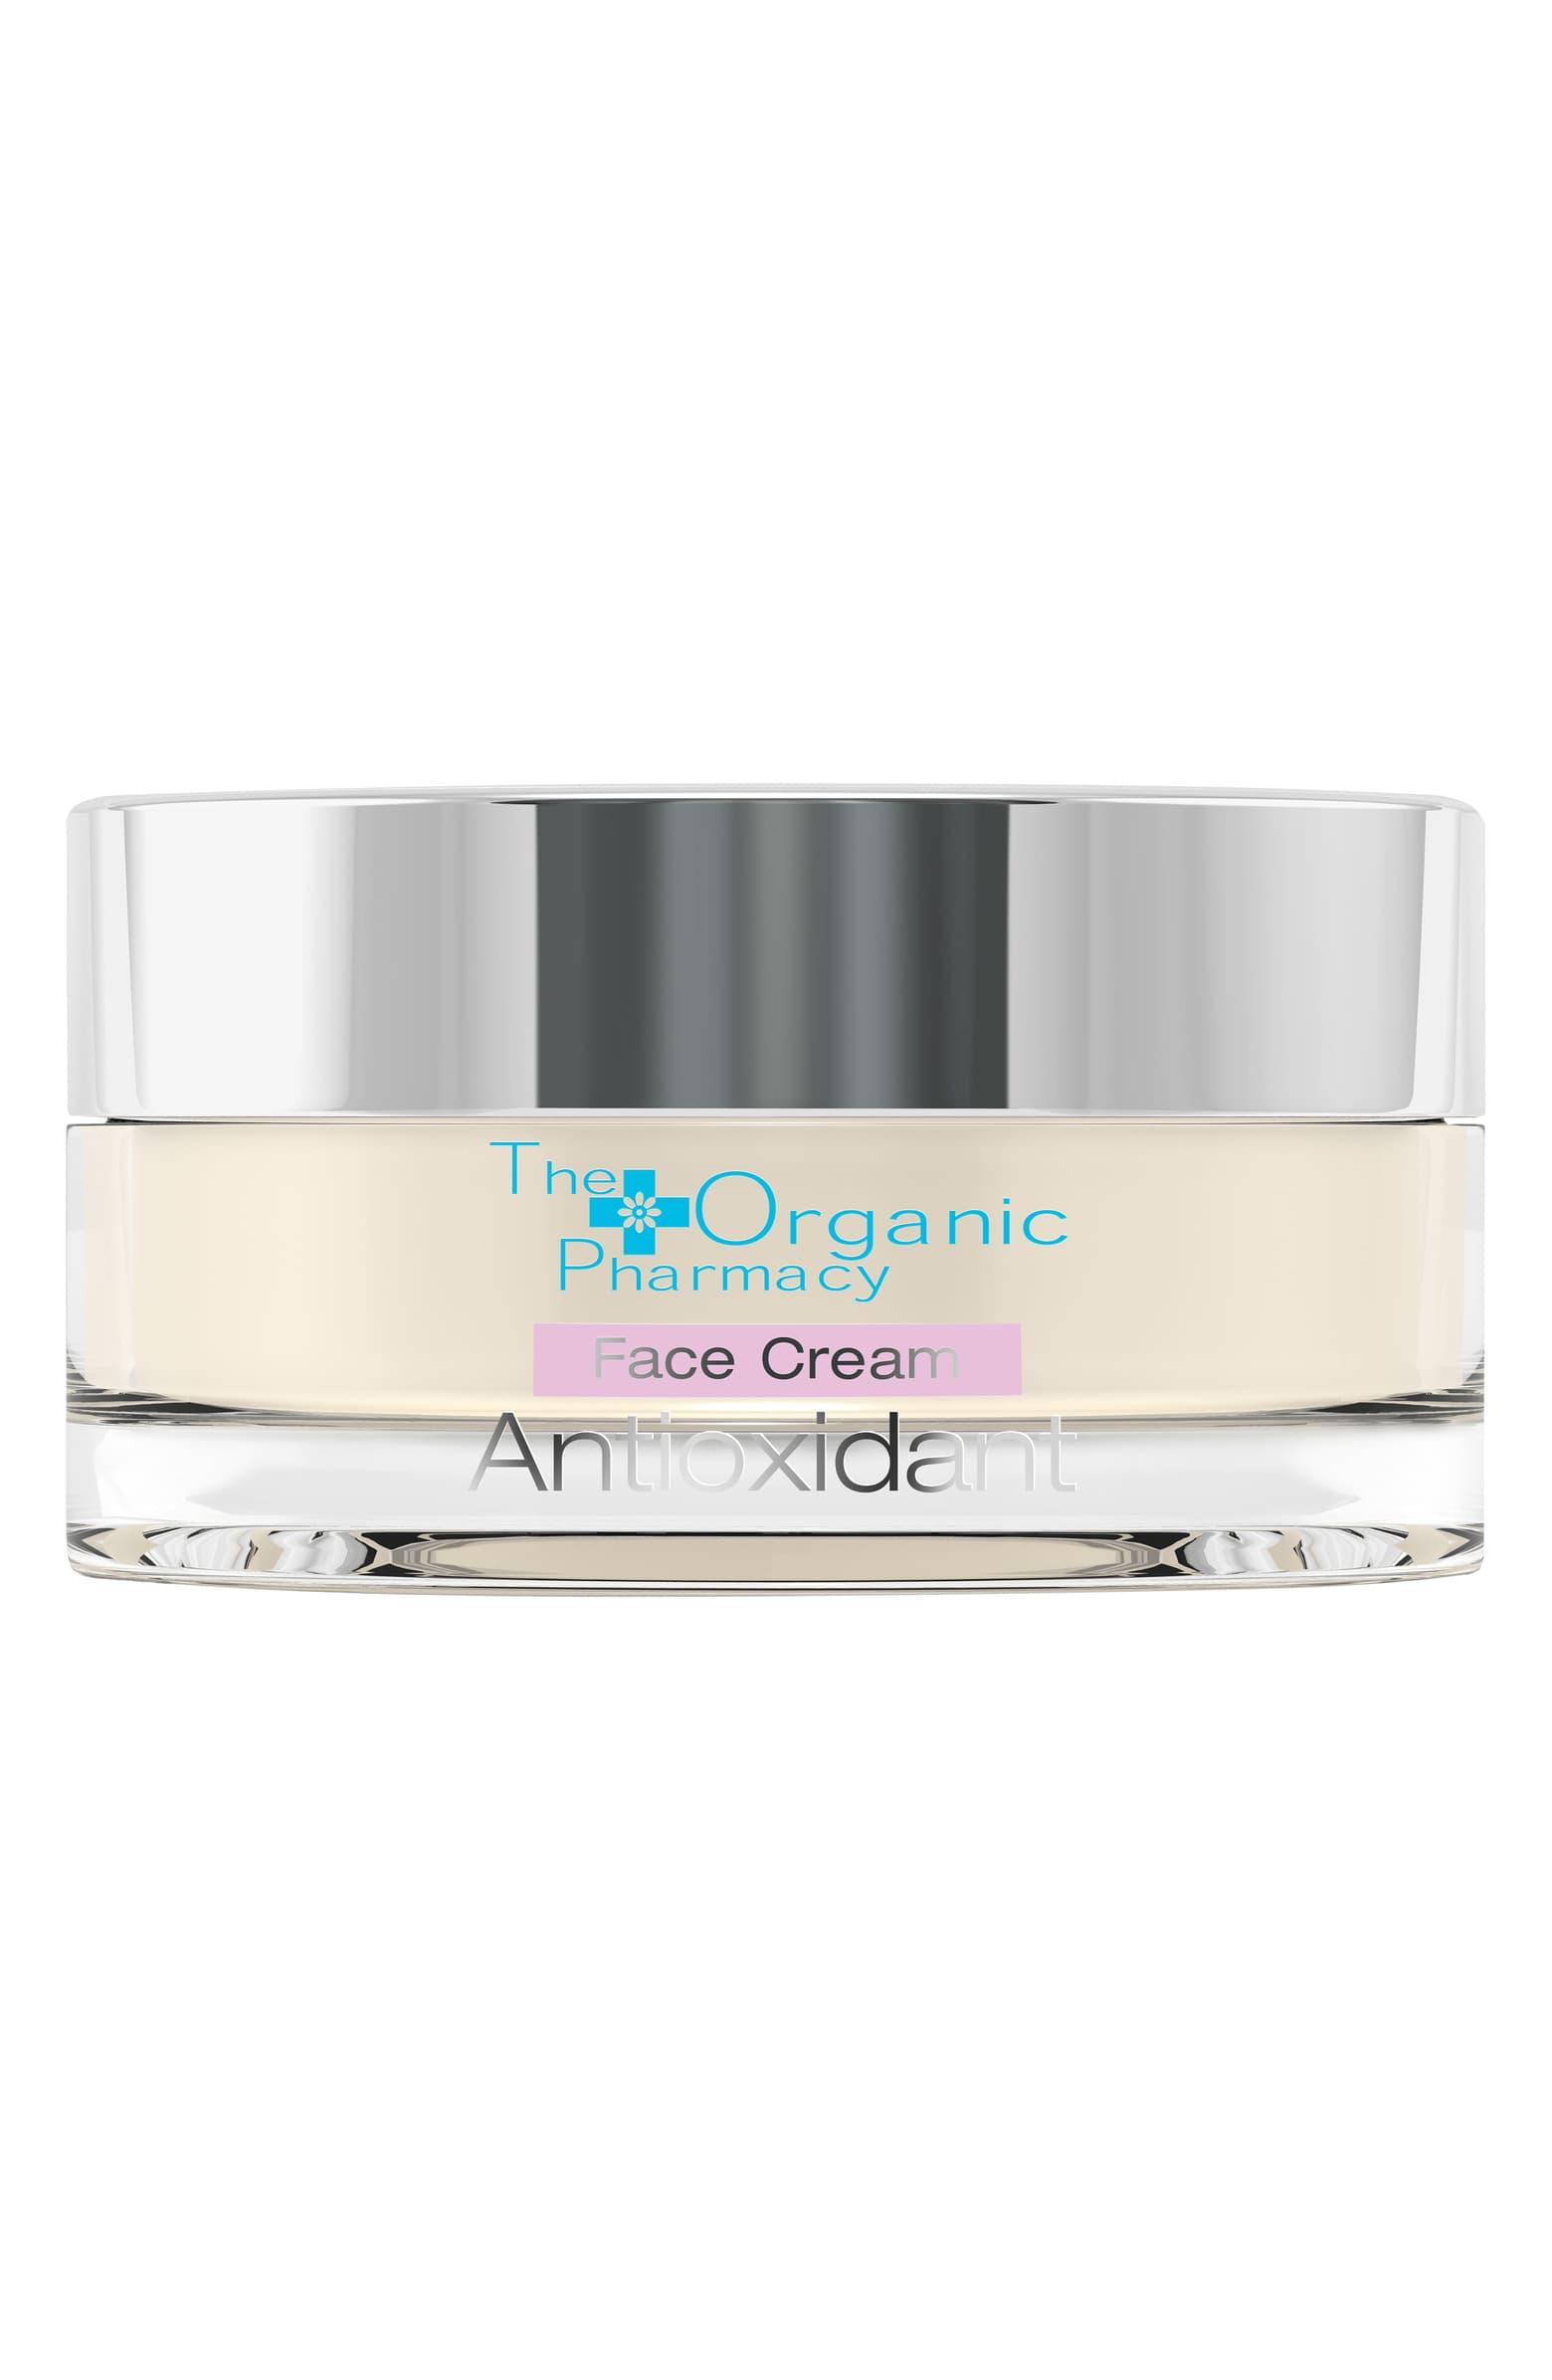 Antioxidant Face Cream,  $95